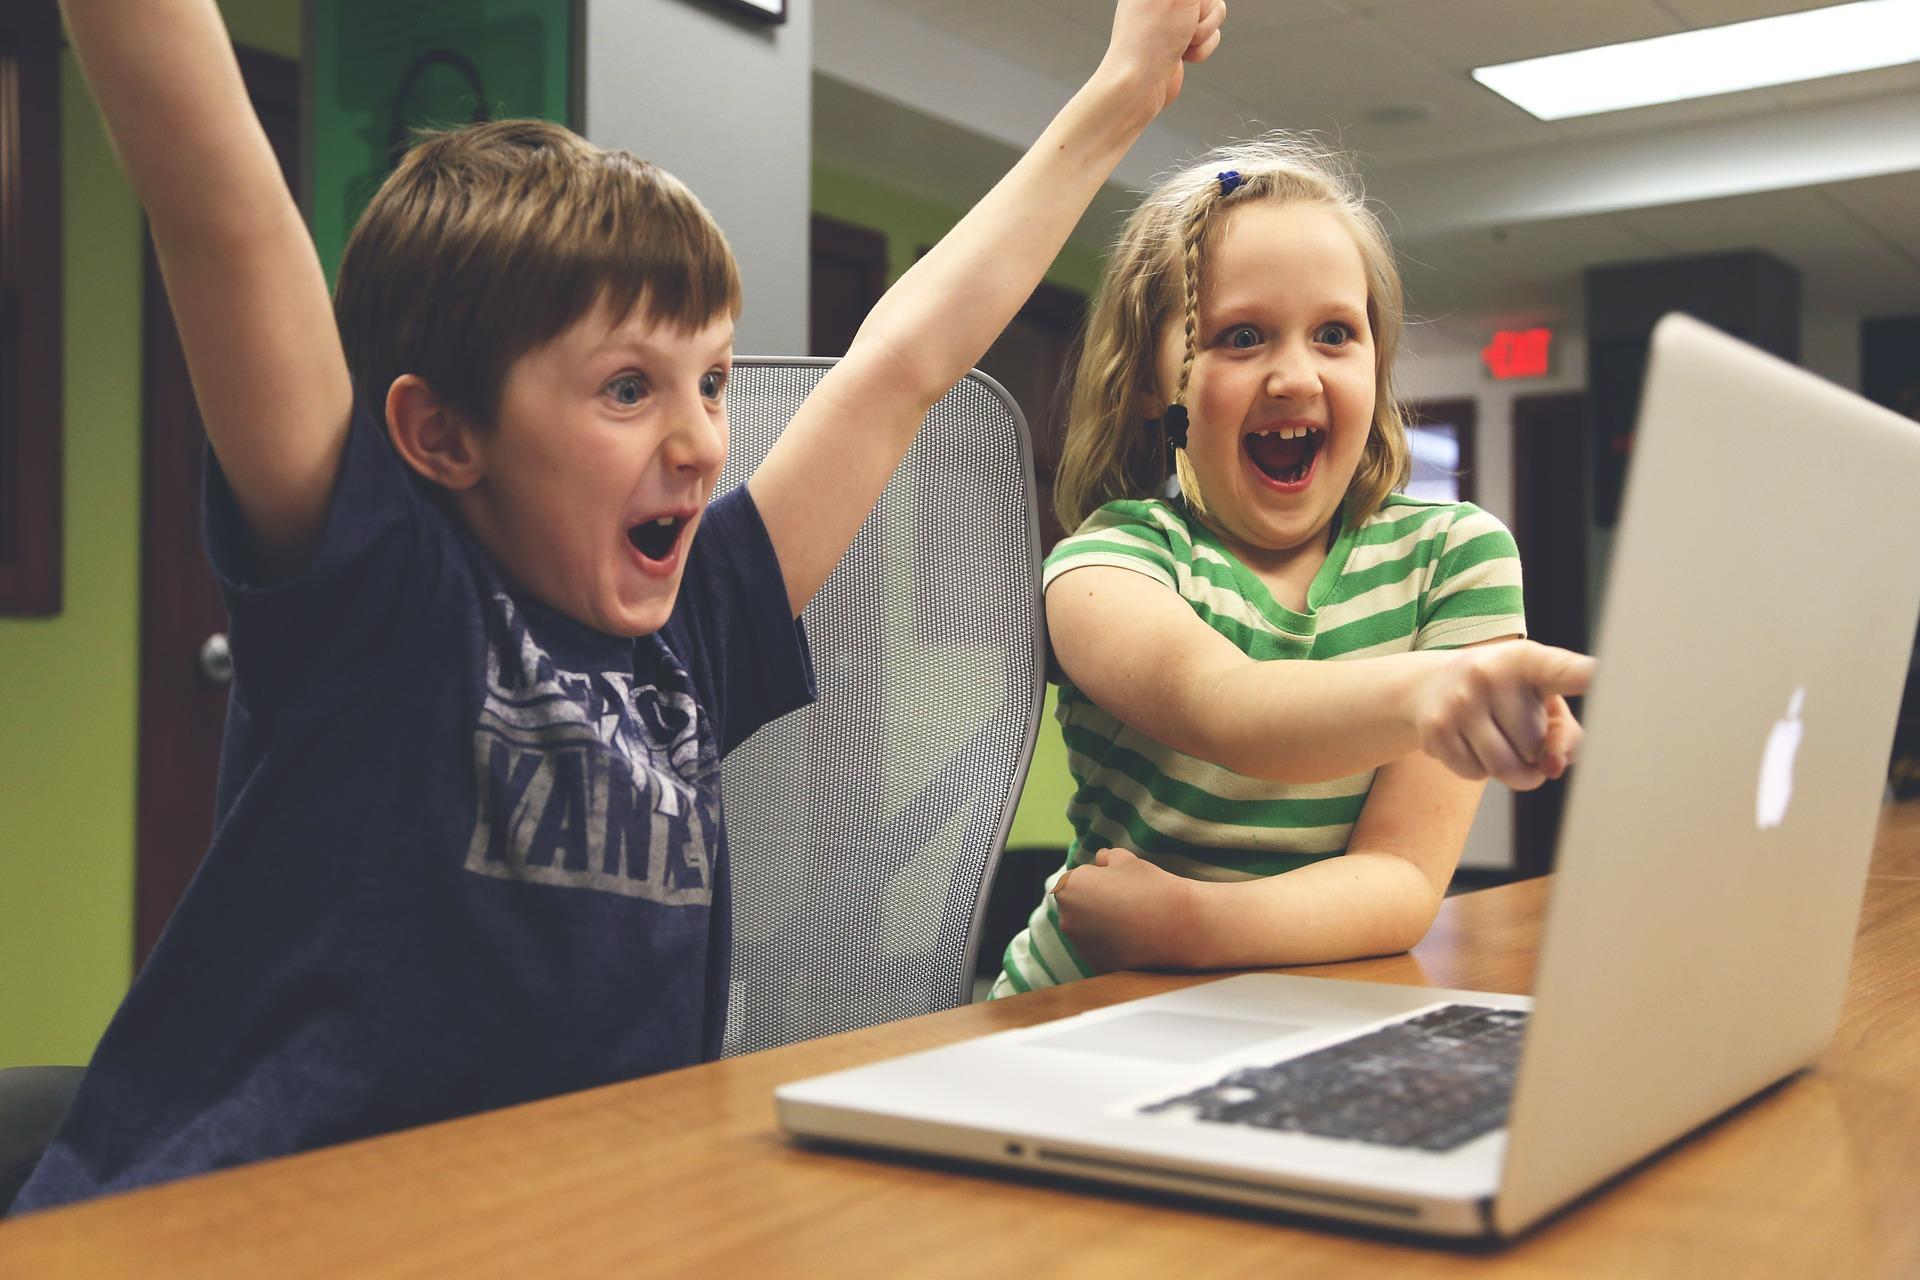 Dos niños miran la pantalla de un ordenador con expresiones de victoria y sorpresa respectivamente